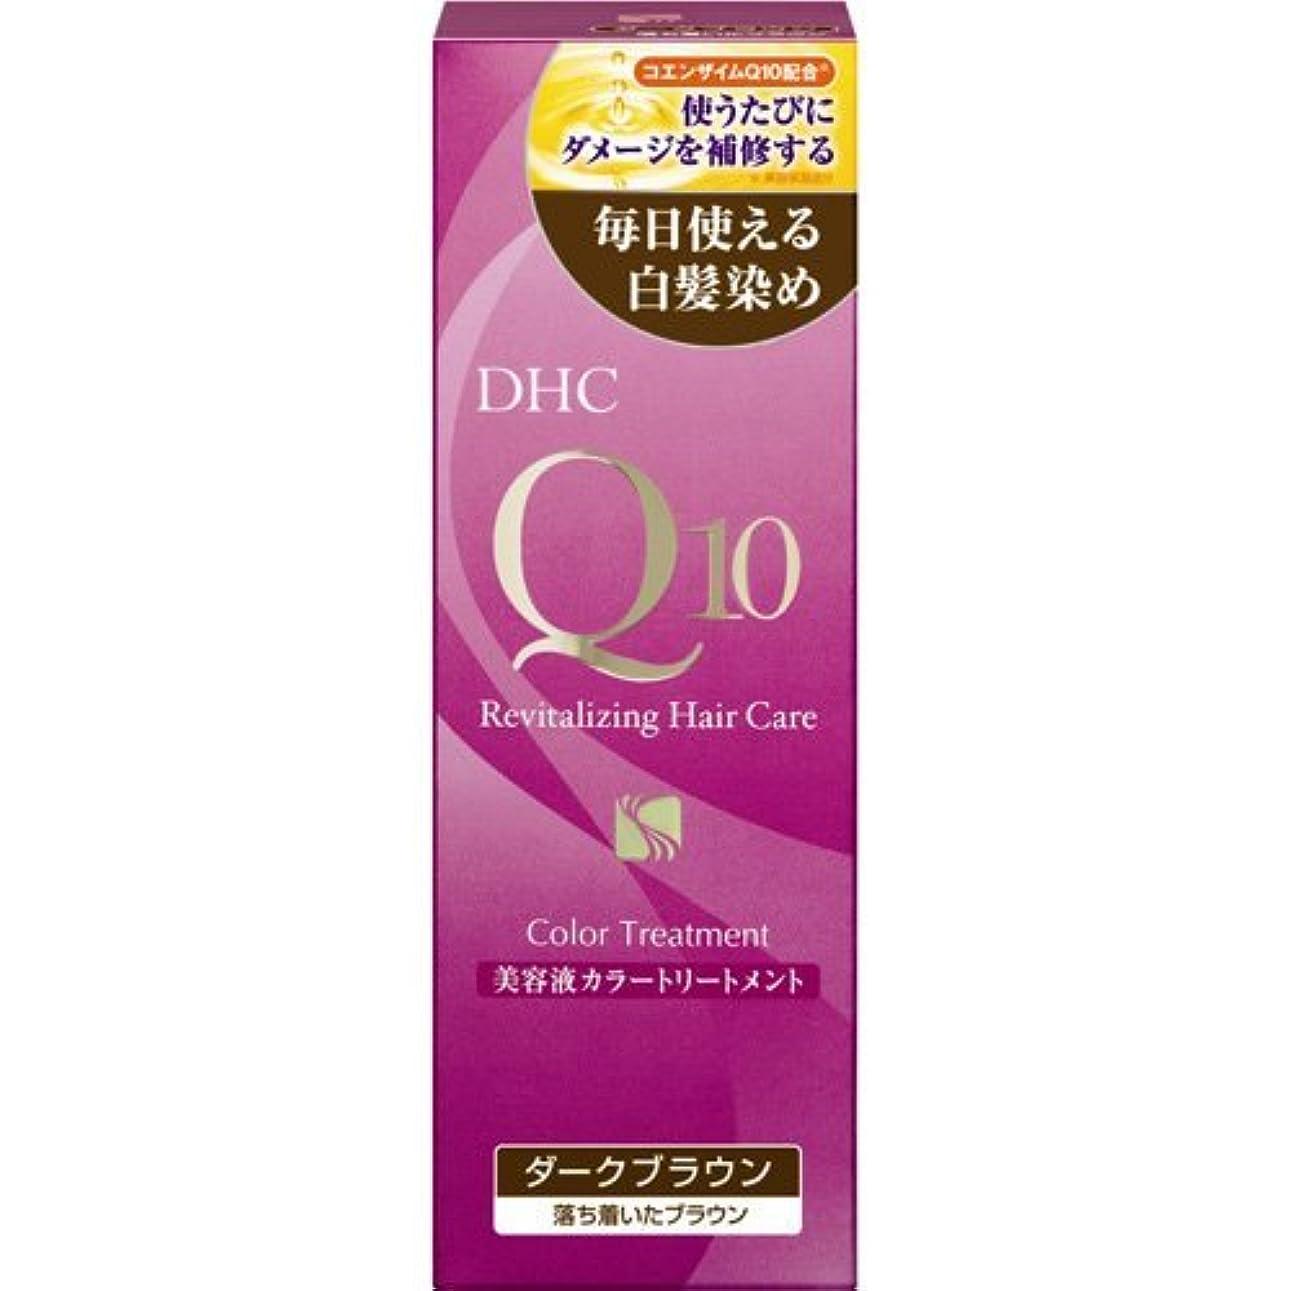 敵変装したジョイント【まとめ買い】DHC Q10美溶液カラートリートメントDブラウンSS170g ×3個